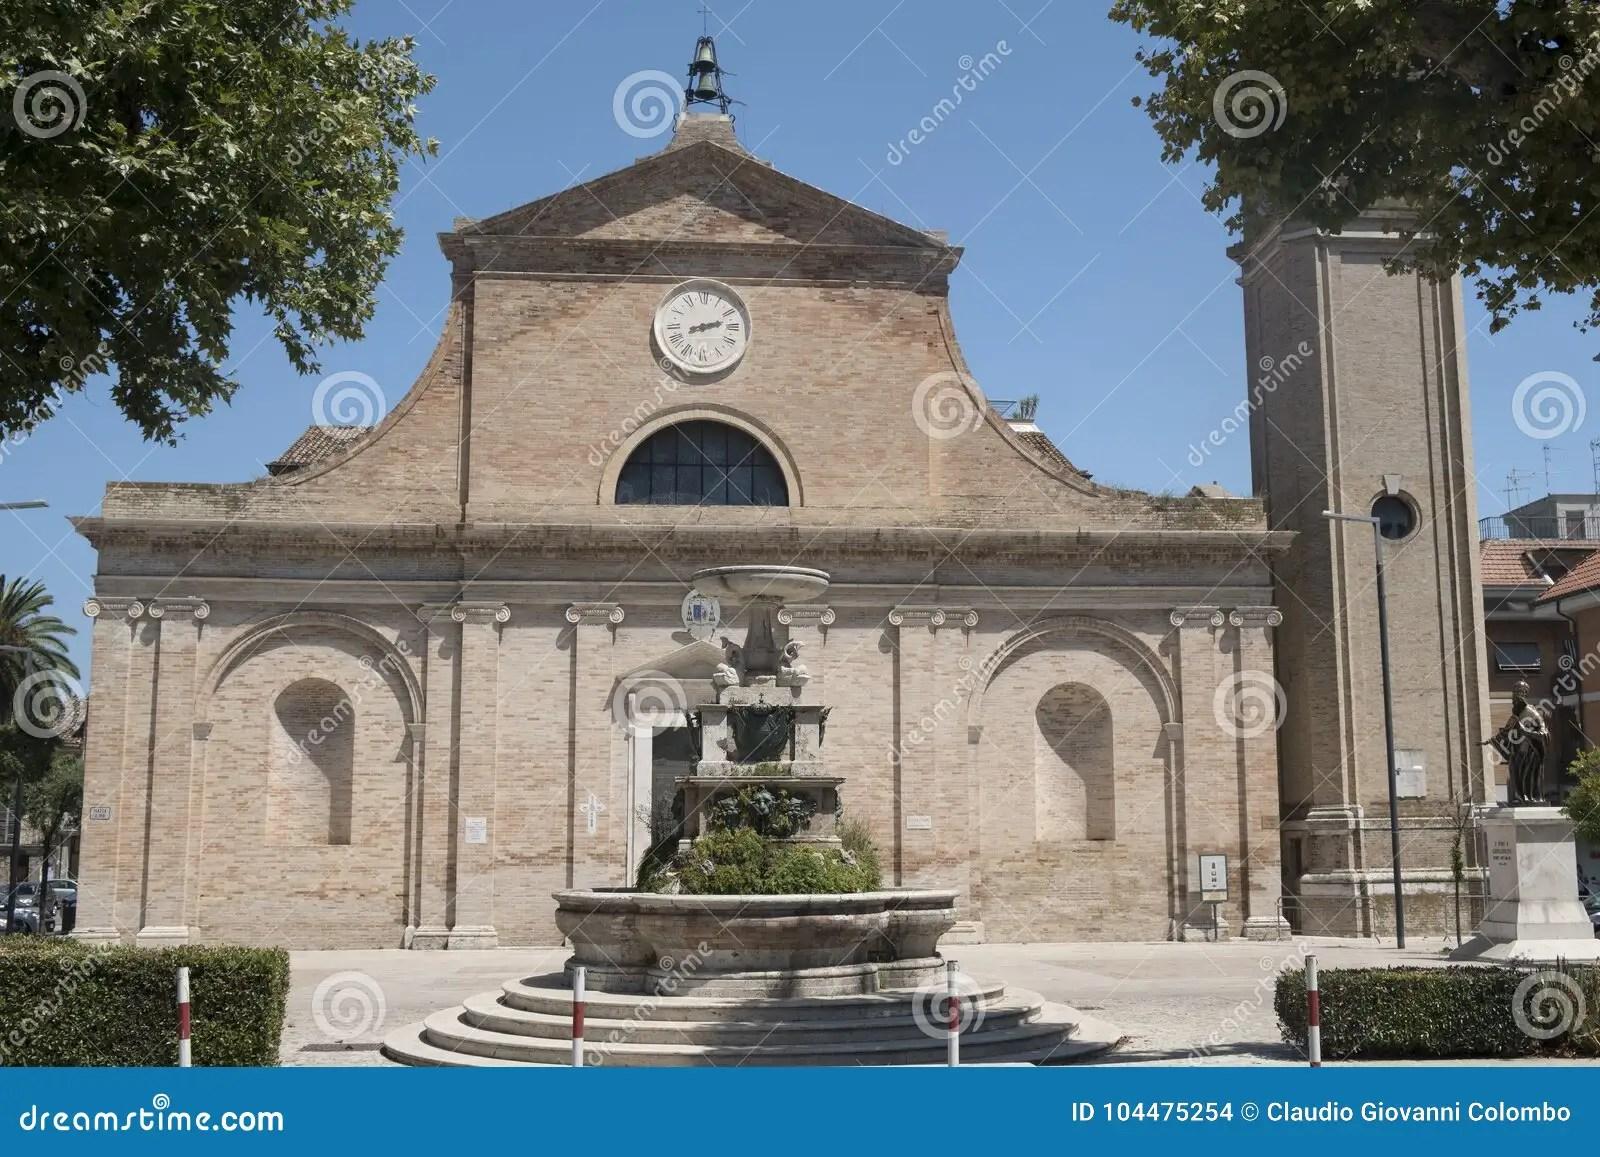 Grottammare Ascoli Piceno Marches Italy Church Stock